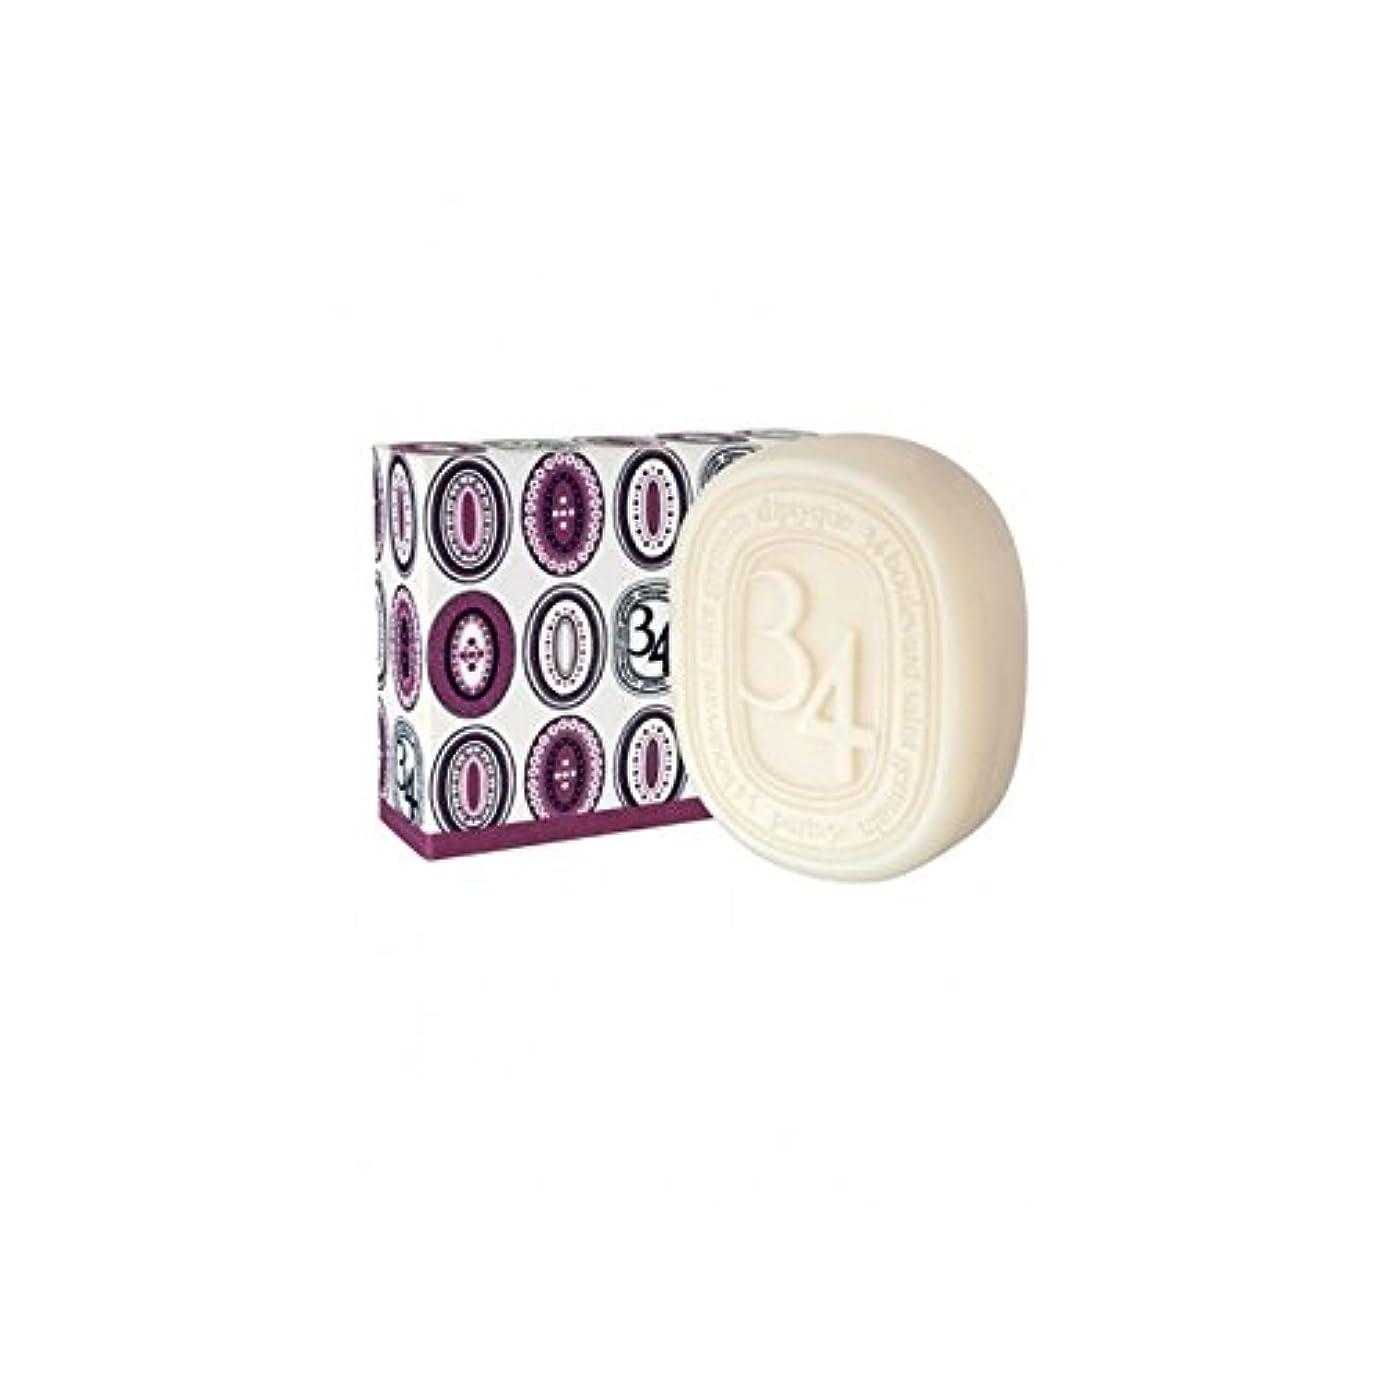 毎週新しさ枕Diptyqueコレクション34大通りサンジェルマン石鹸100グラム - Diptyque Collection 34 Boulevard Saint Germain Soap 100g (Diptyque) [並行輸入品]